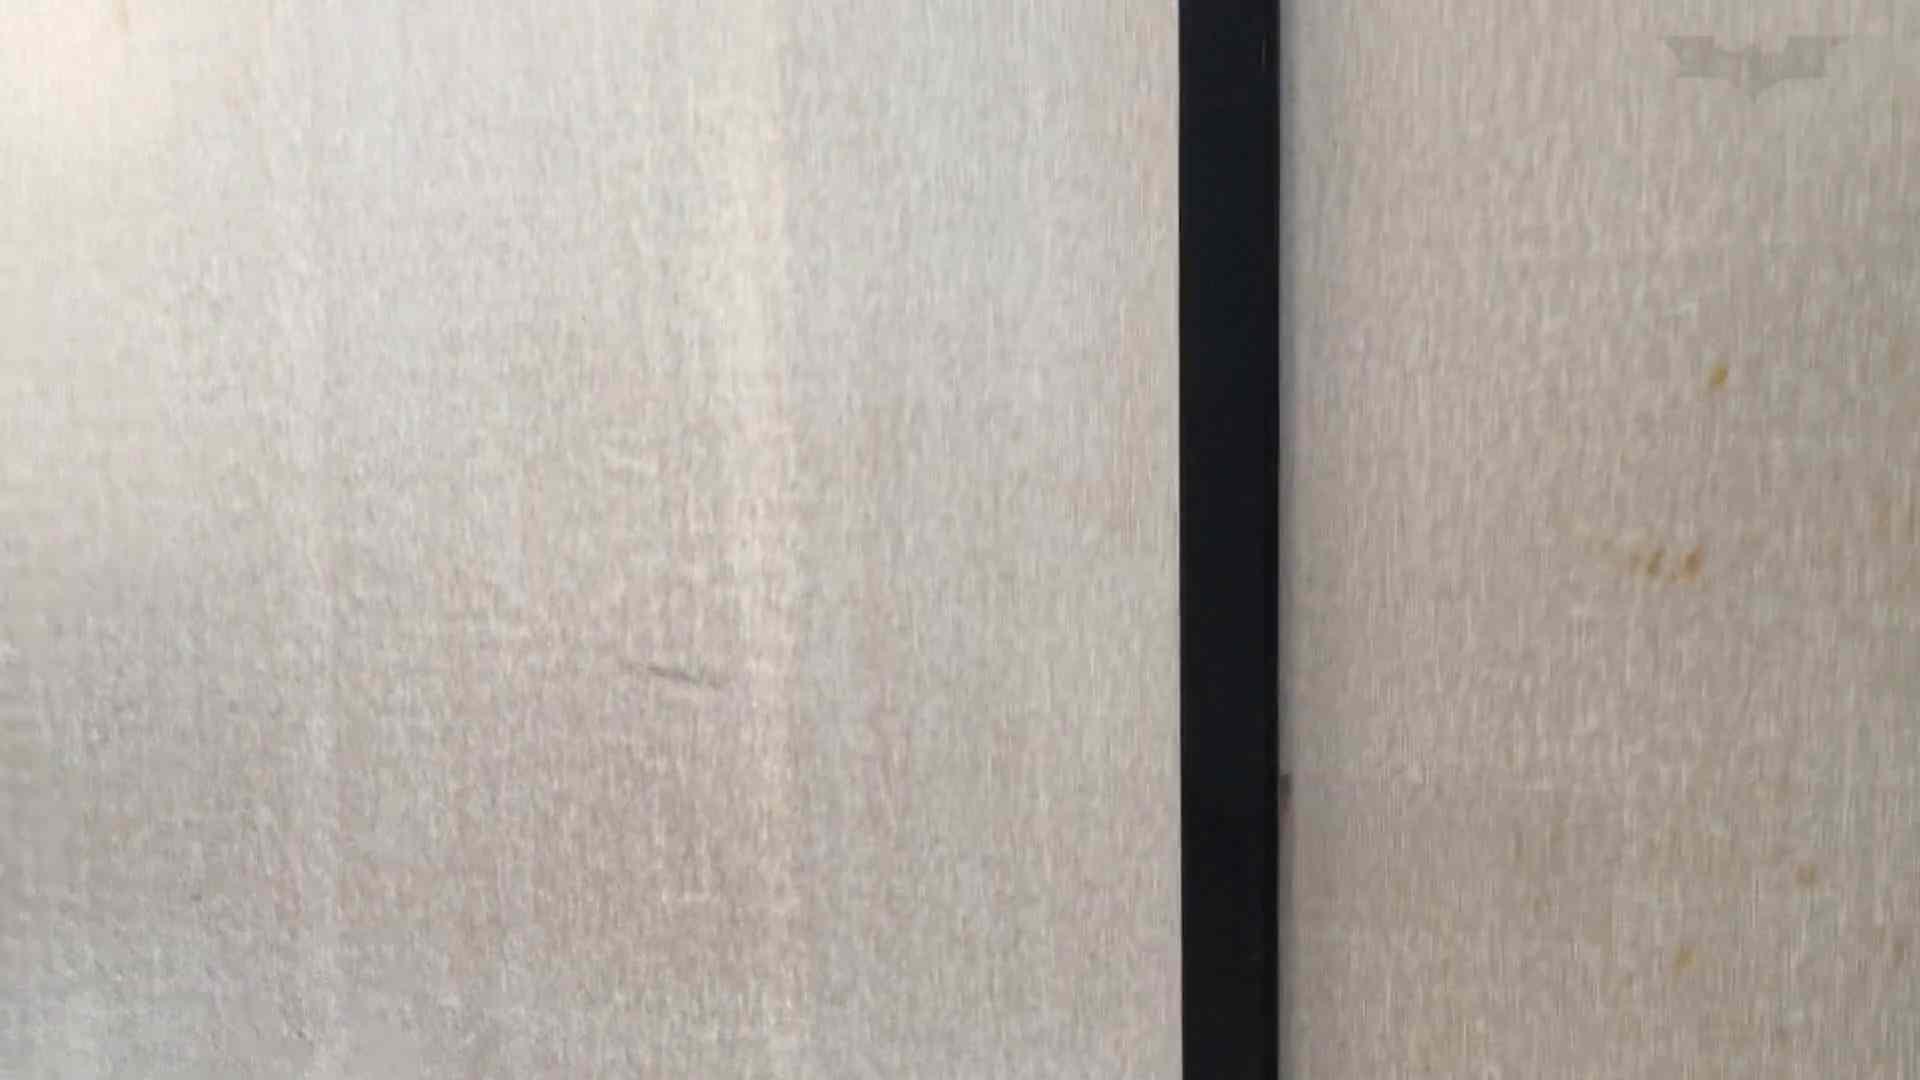 芸術大学ガチ潜入盗撮 JD盗撮 美女の洗面所の秘密 Vol.91 盗撮 | 高画質  97画像 95